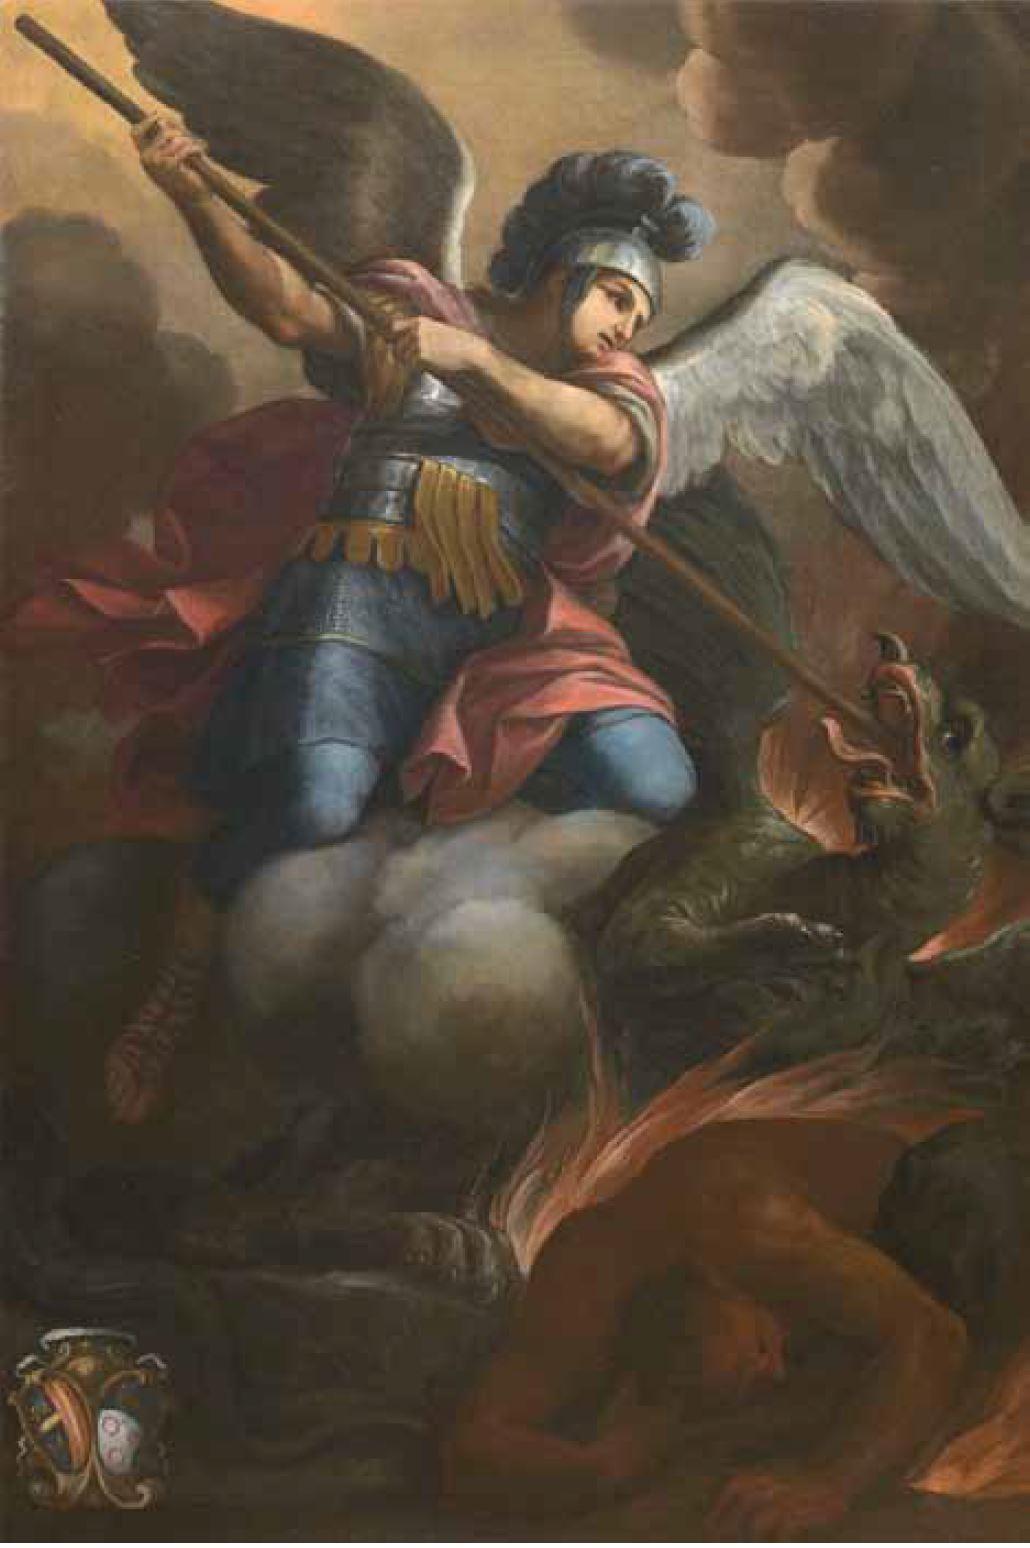 Dipinto su tela San Michele Arcangelo trafigge il demonio in forma di drago Pittore attivo a Siena, seconda metà del secolo XVII dipinto ad olio su tela cm. 202x134 dalla Chiesa di Santa Maria a Pacina